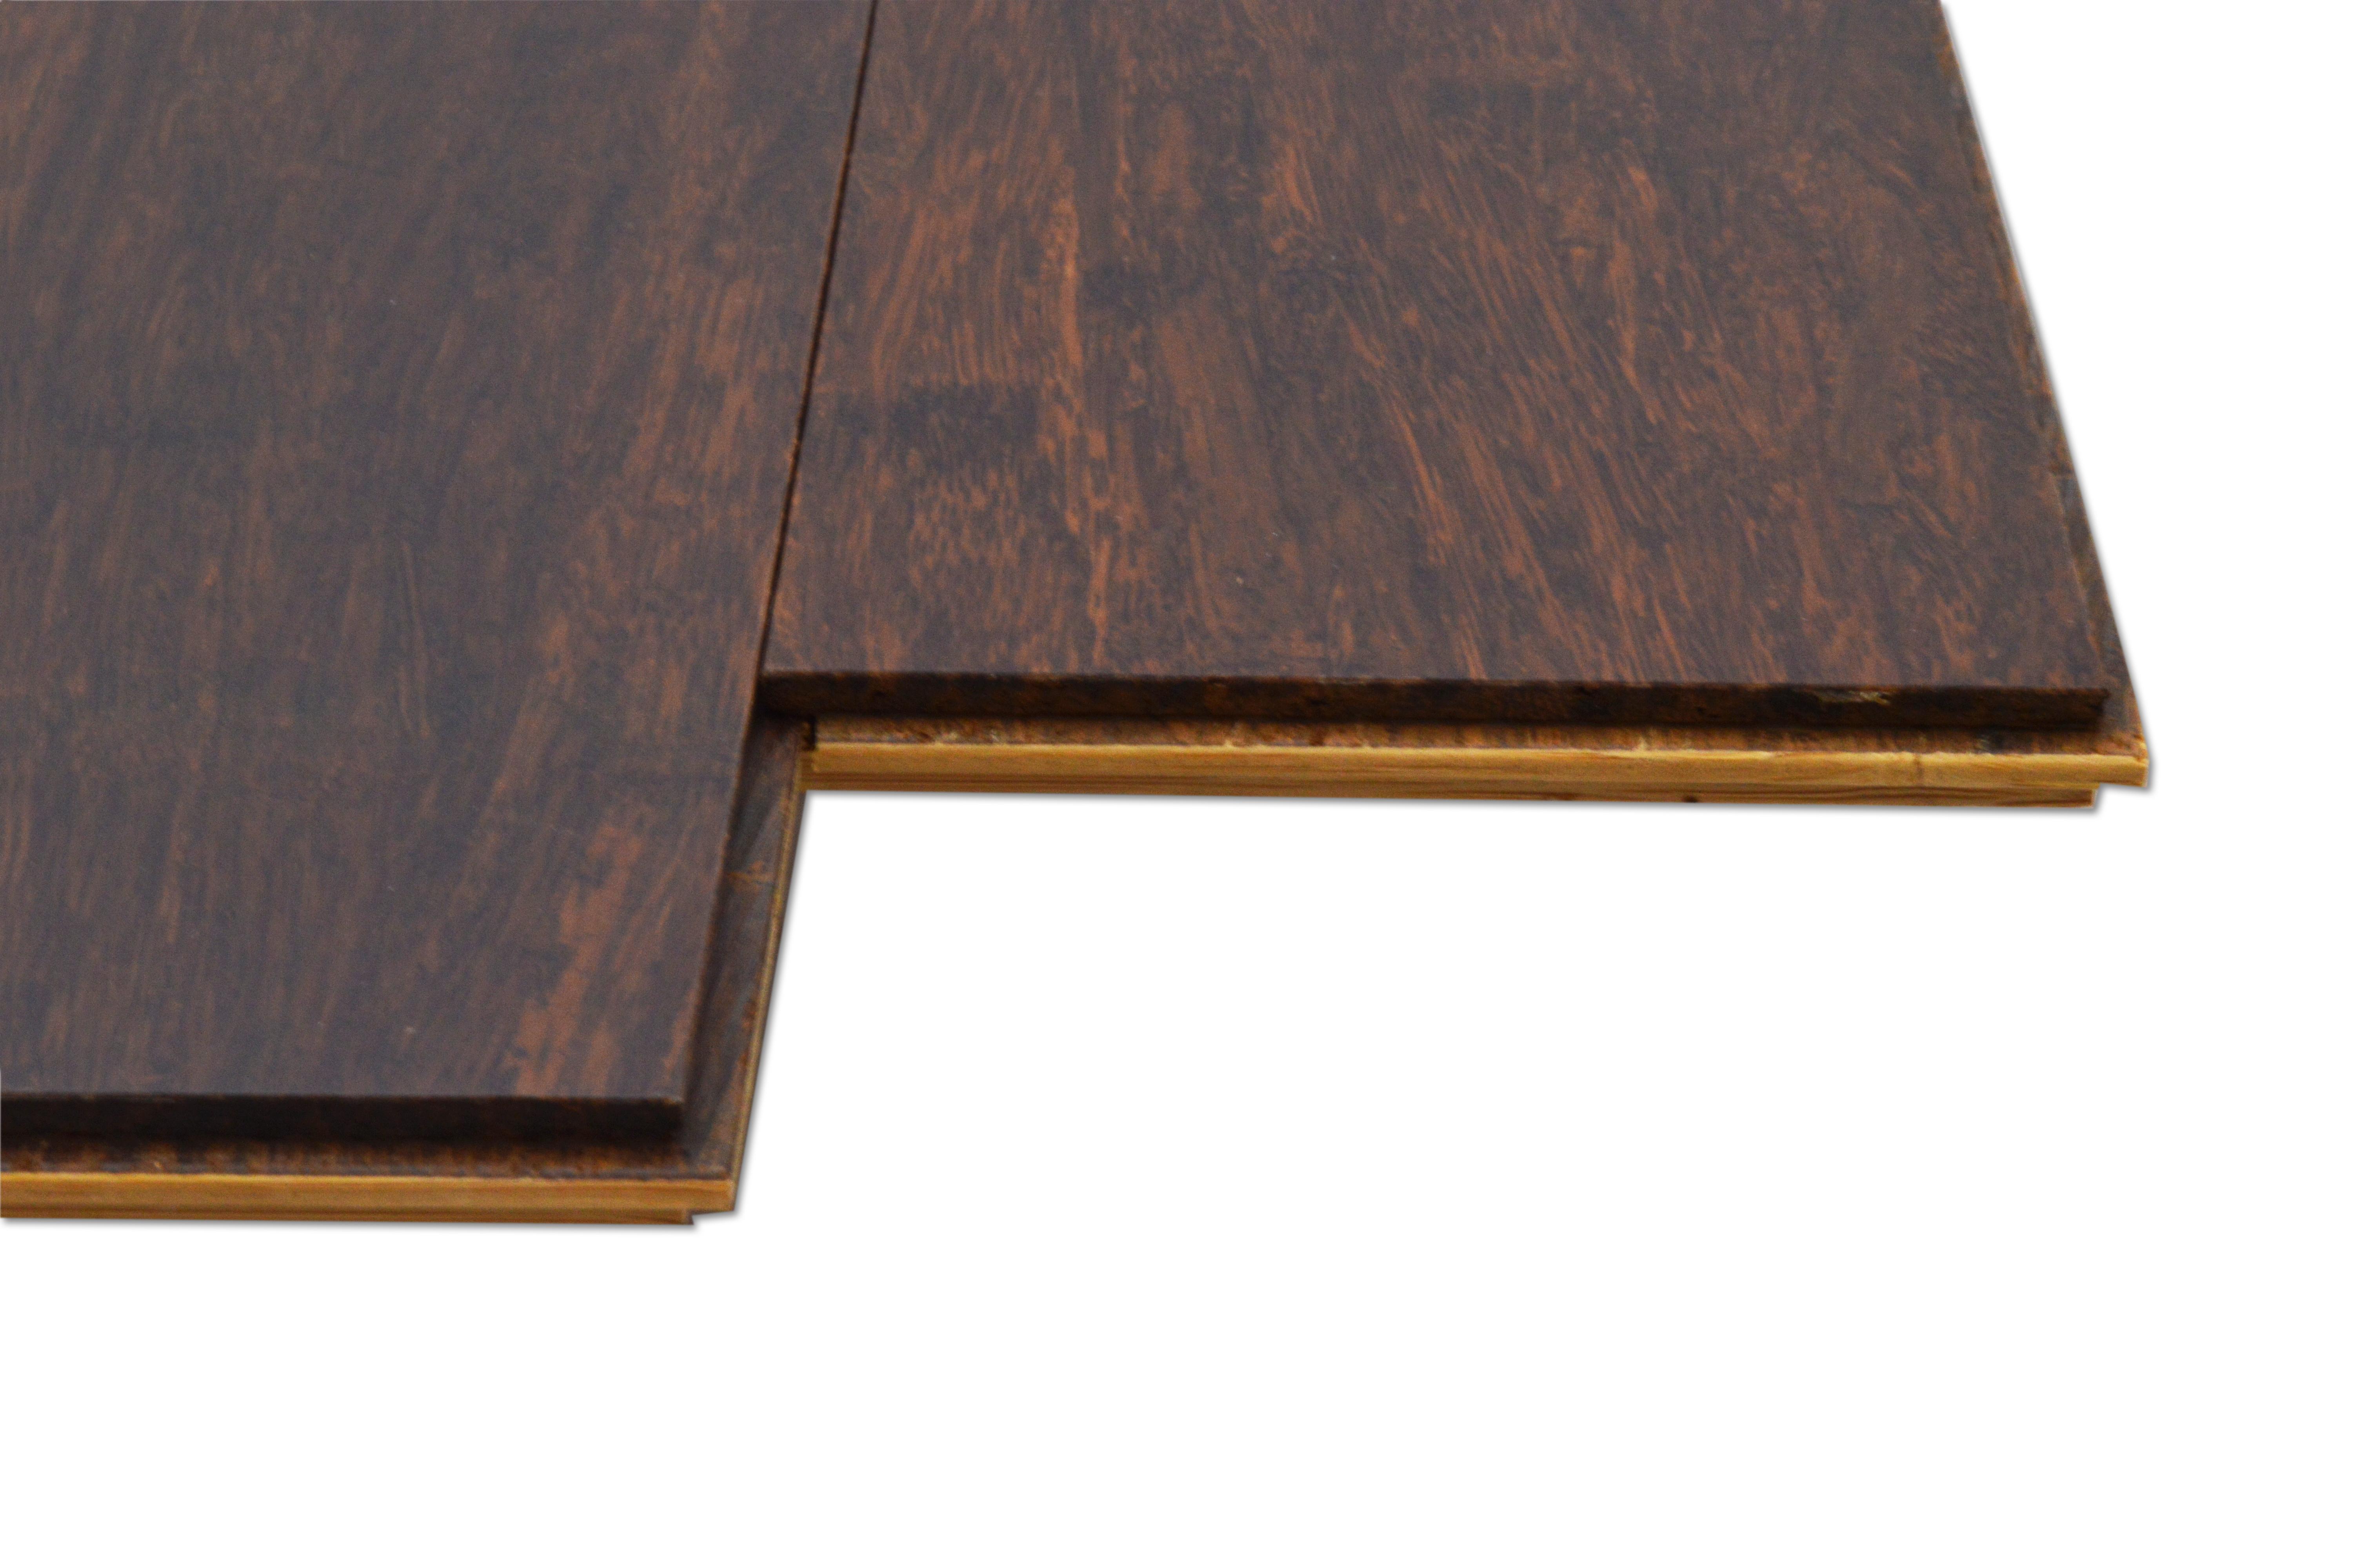 Bamboe Vloer Utrecht : Vloeren outlet houten vloeren outlet best houten visgraat vloeren